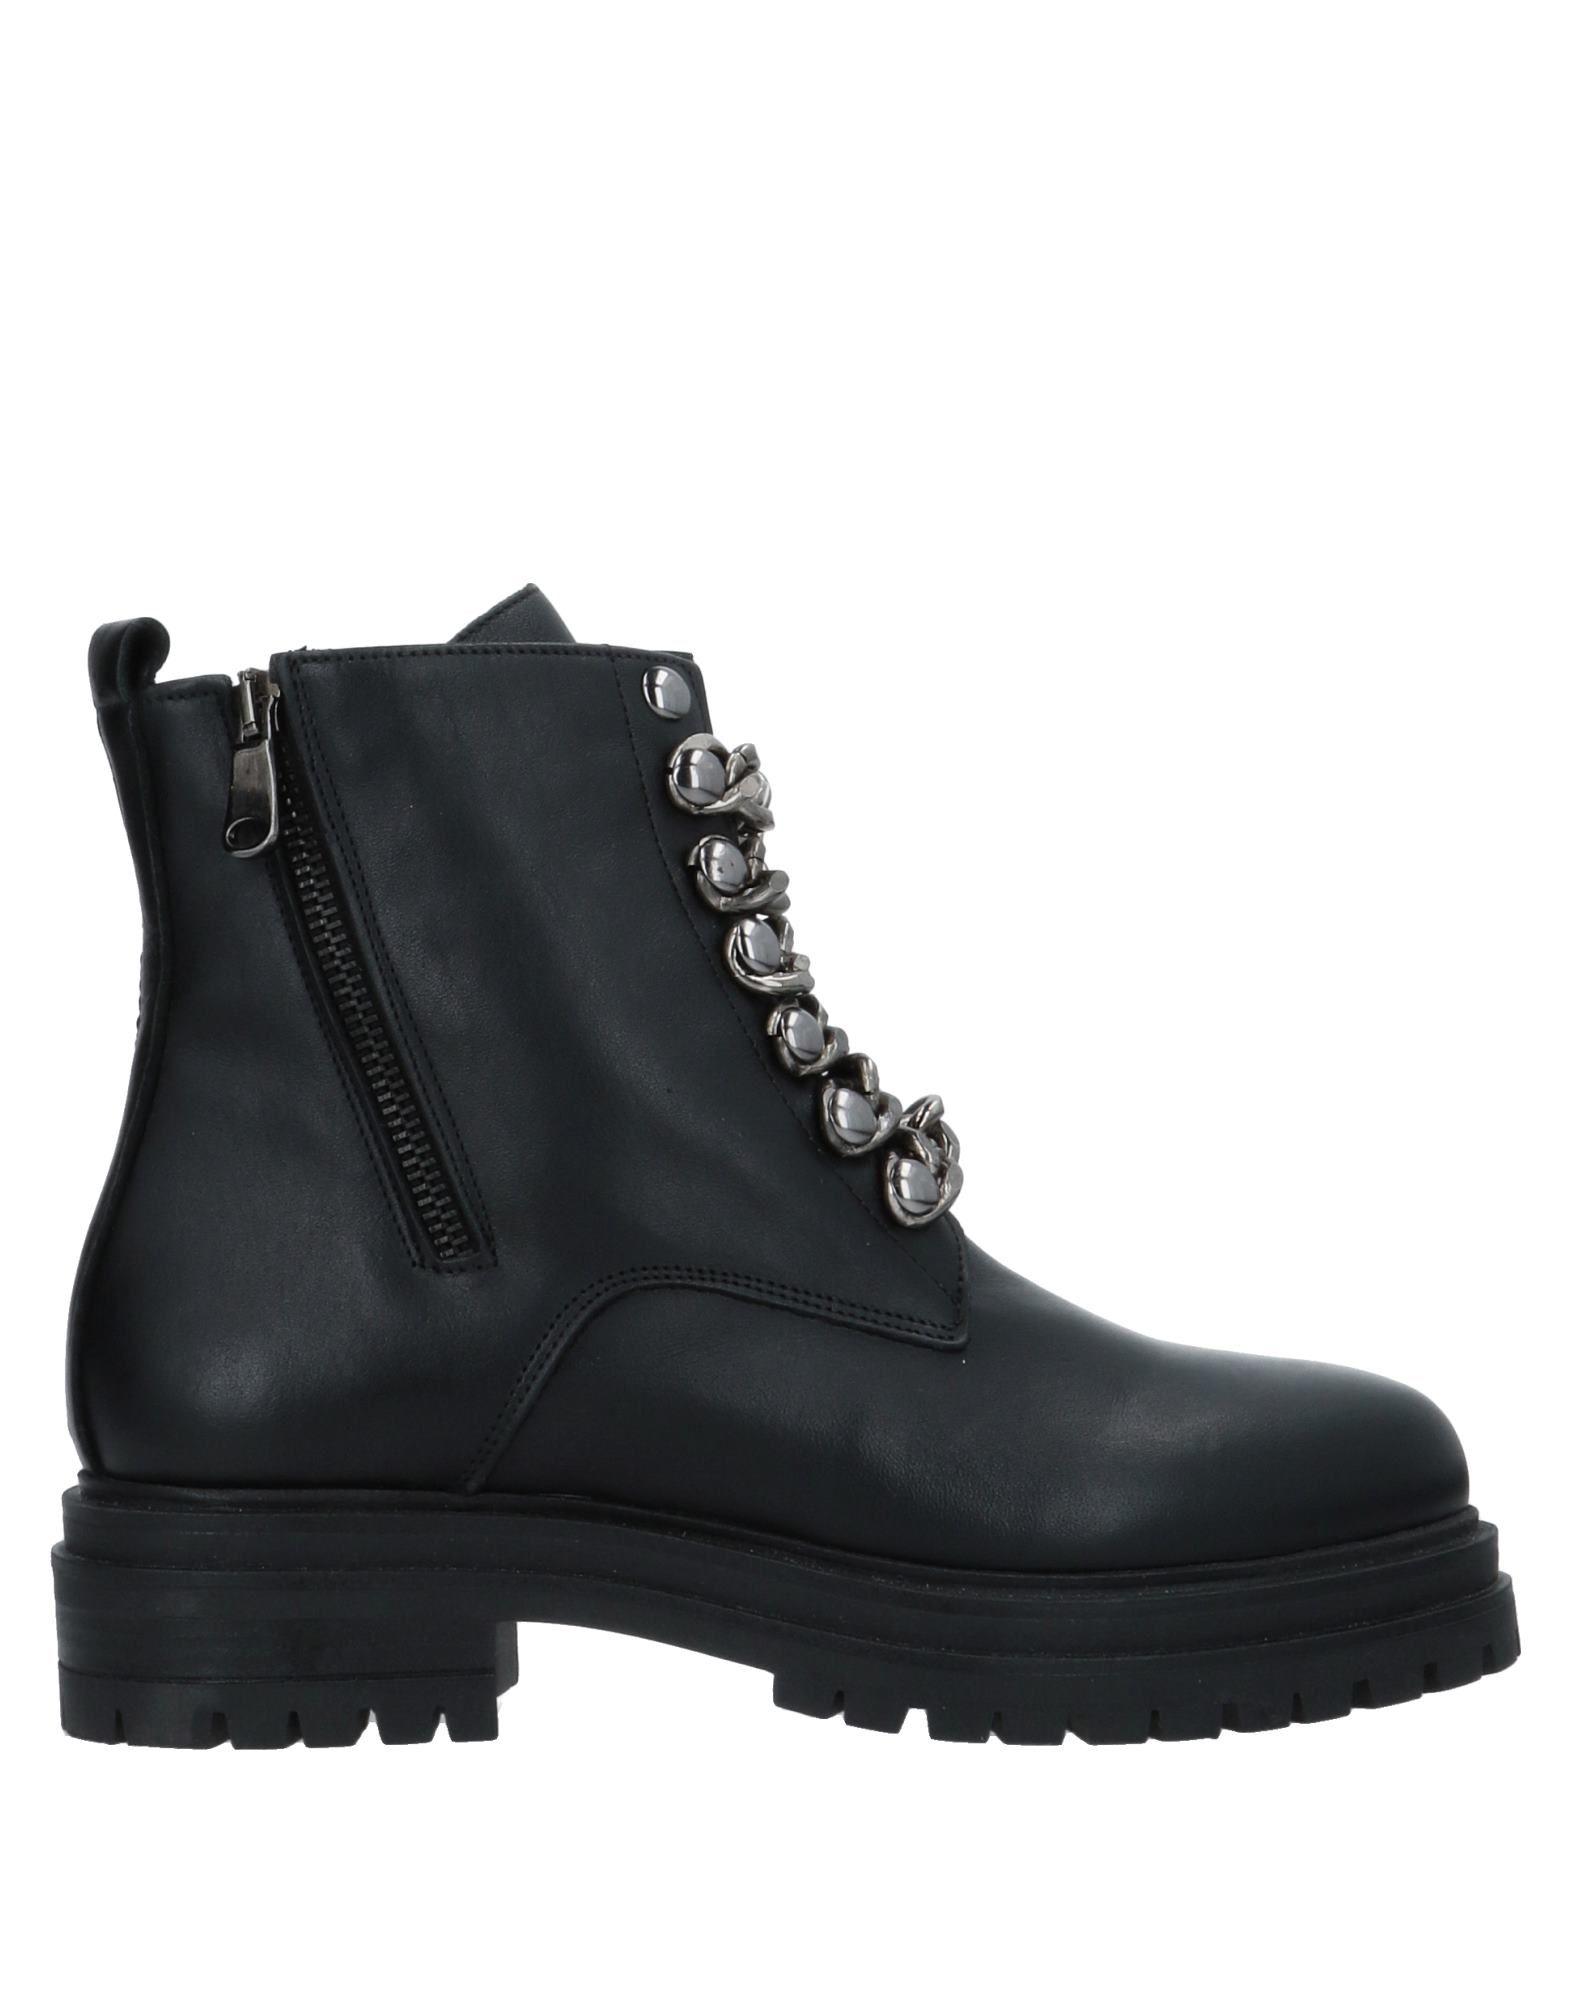 Stilvolle billige Schuhe J.Born Stiefelette Damen  11517792QV 11517792QV 11517792QV 1d92a6